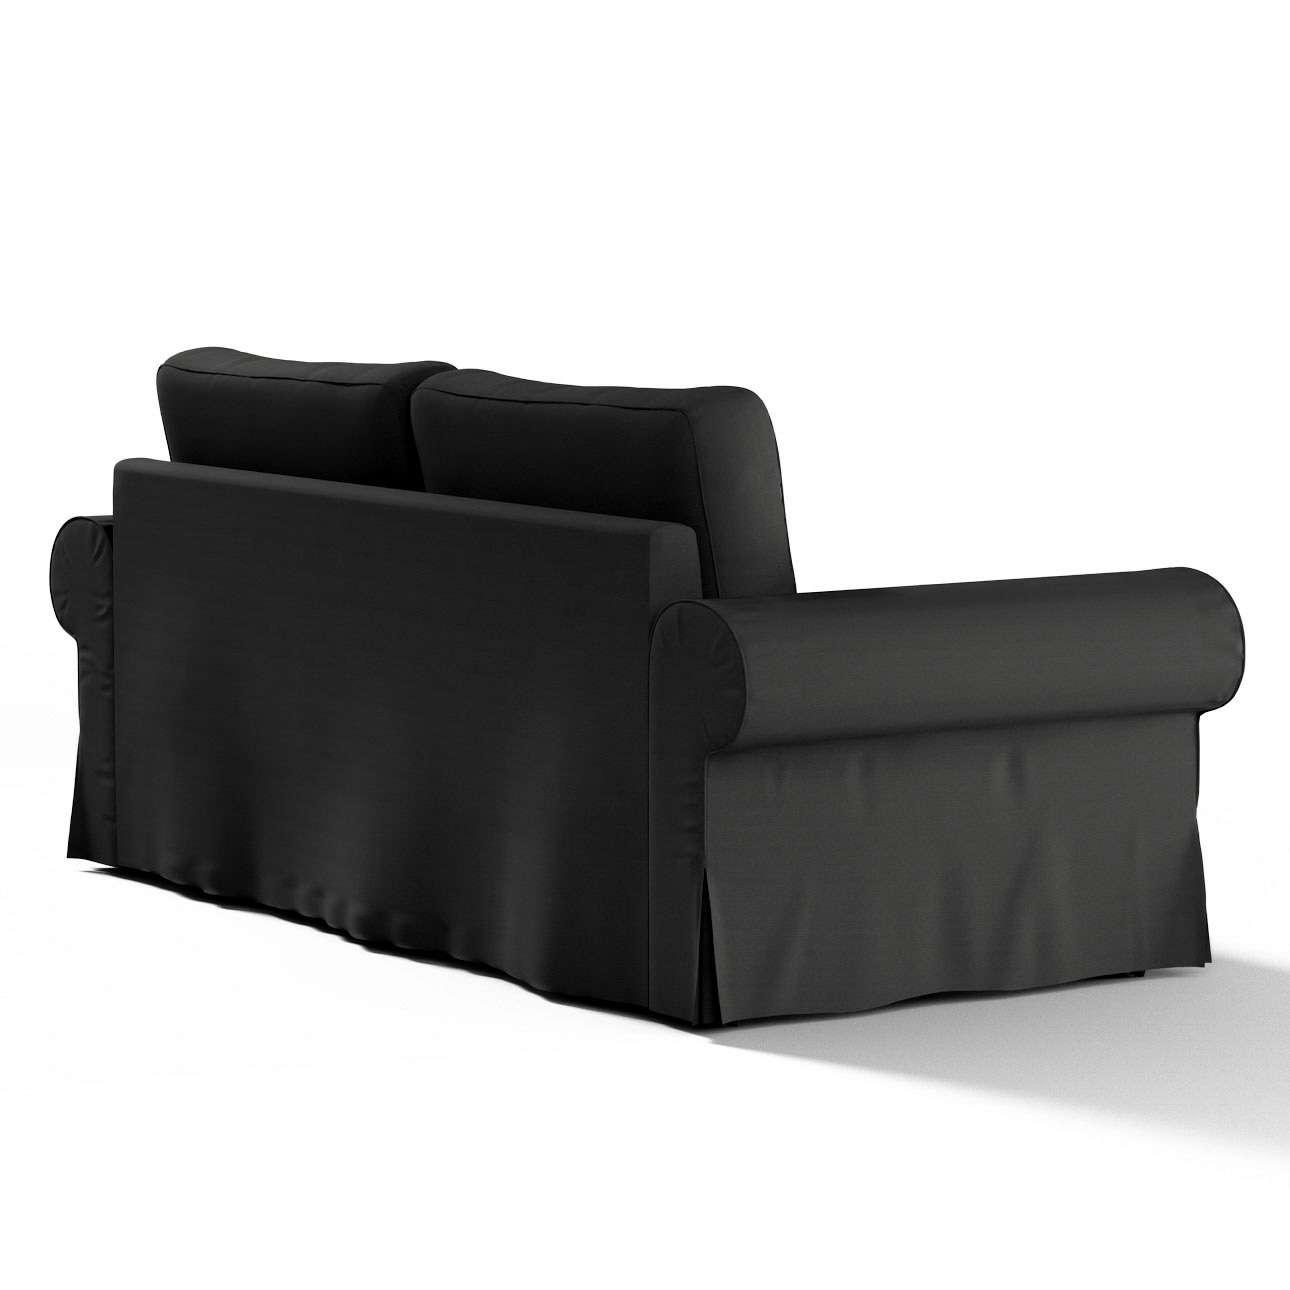 Bezug für Backabro 3-Sitzer Sofa ausklappbar von der Kollektion Cotton Panama, Stoff: 702-08